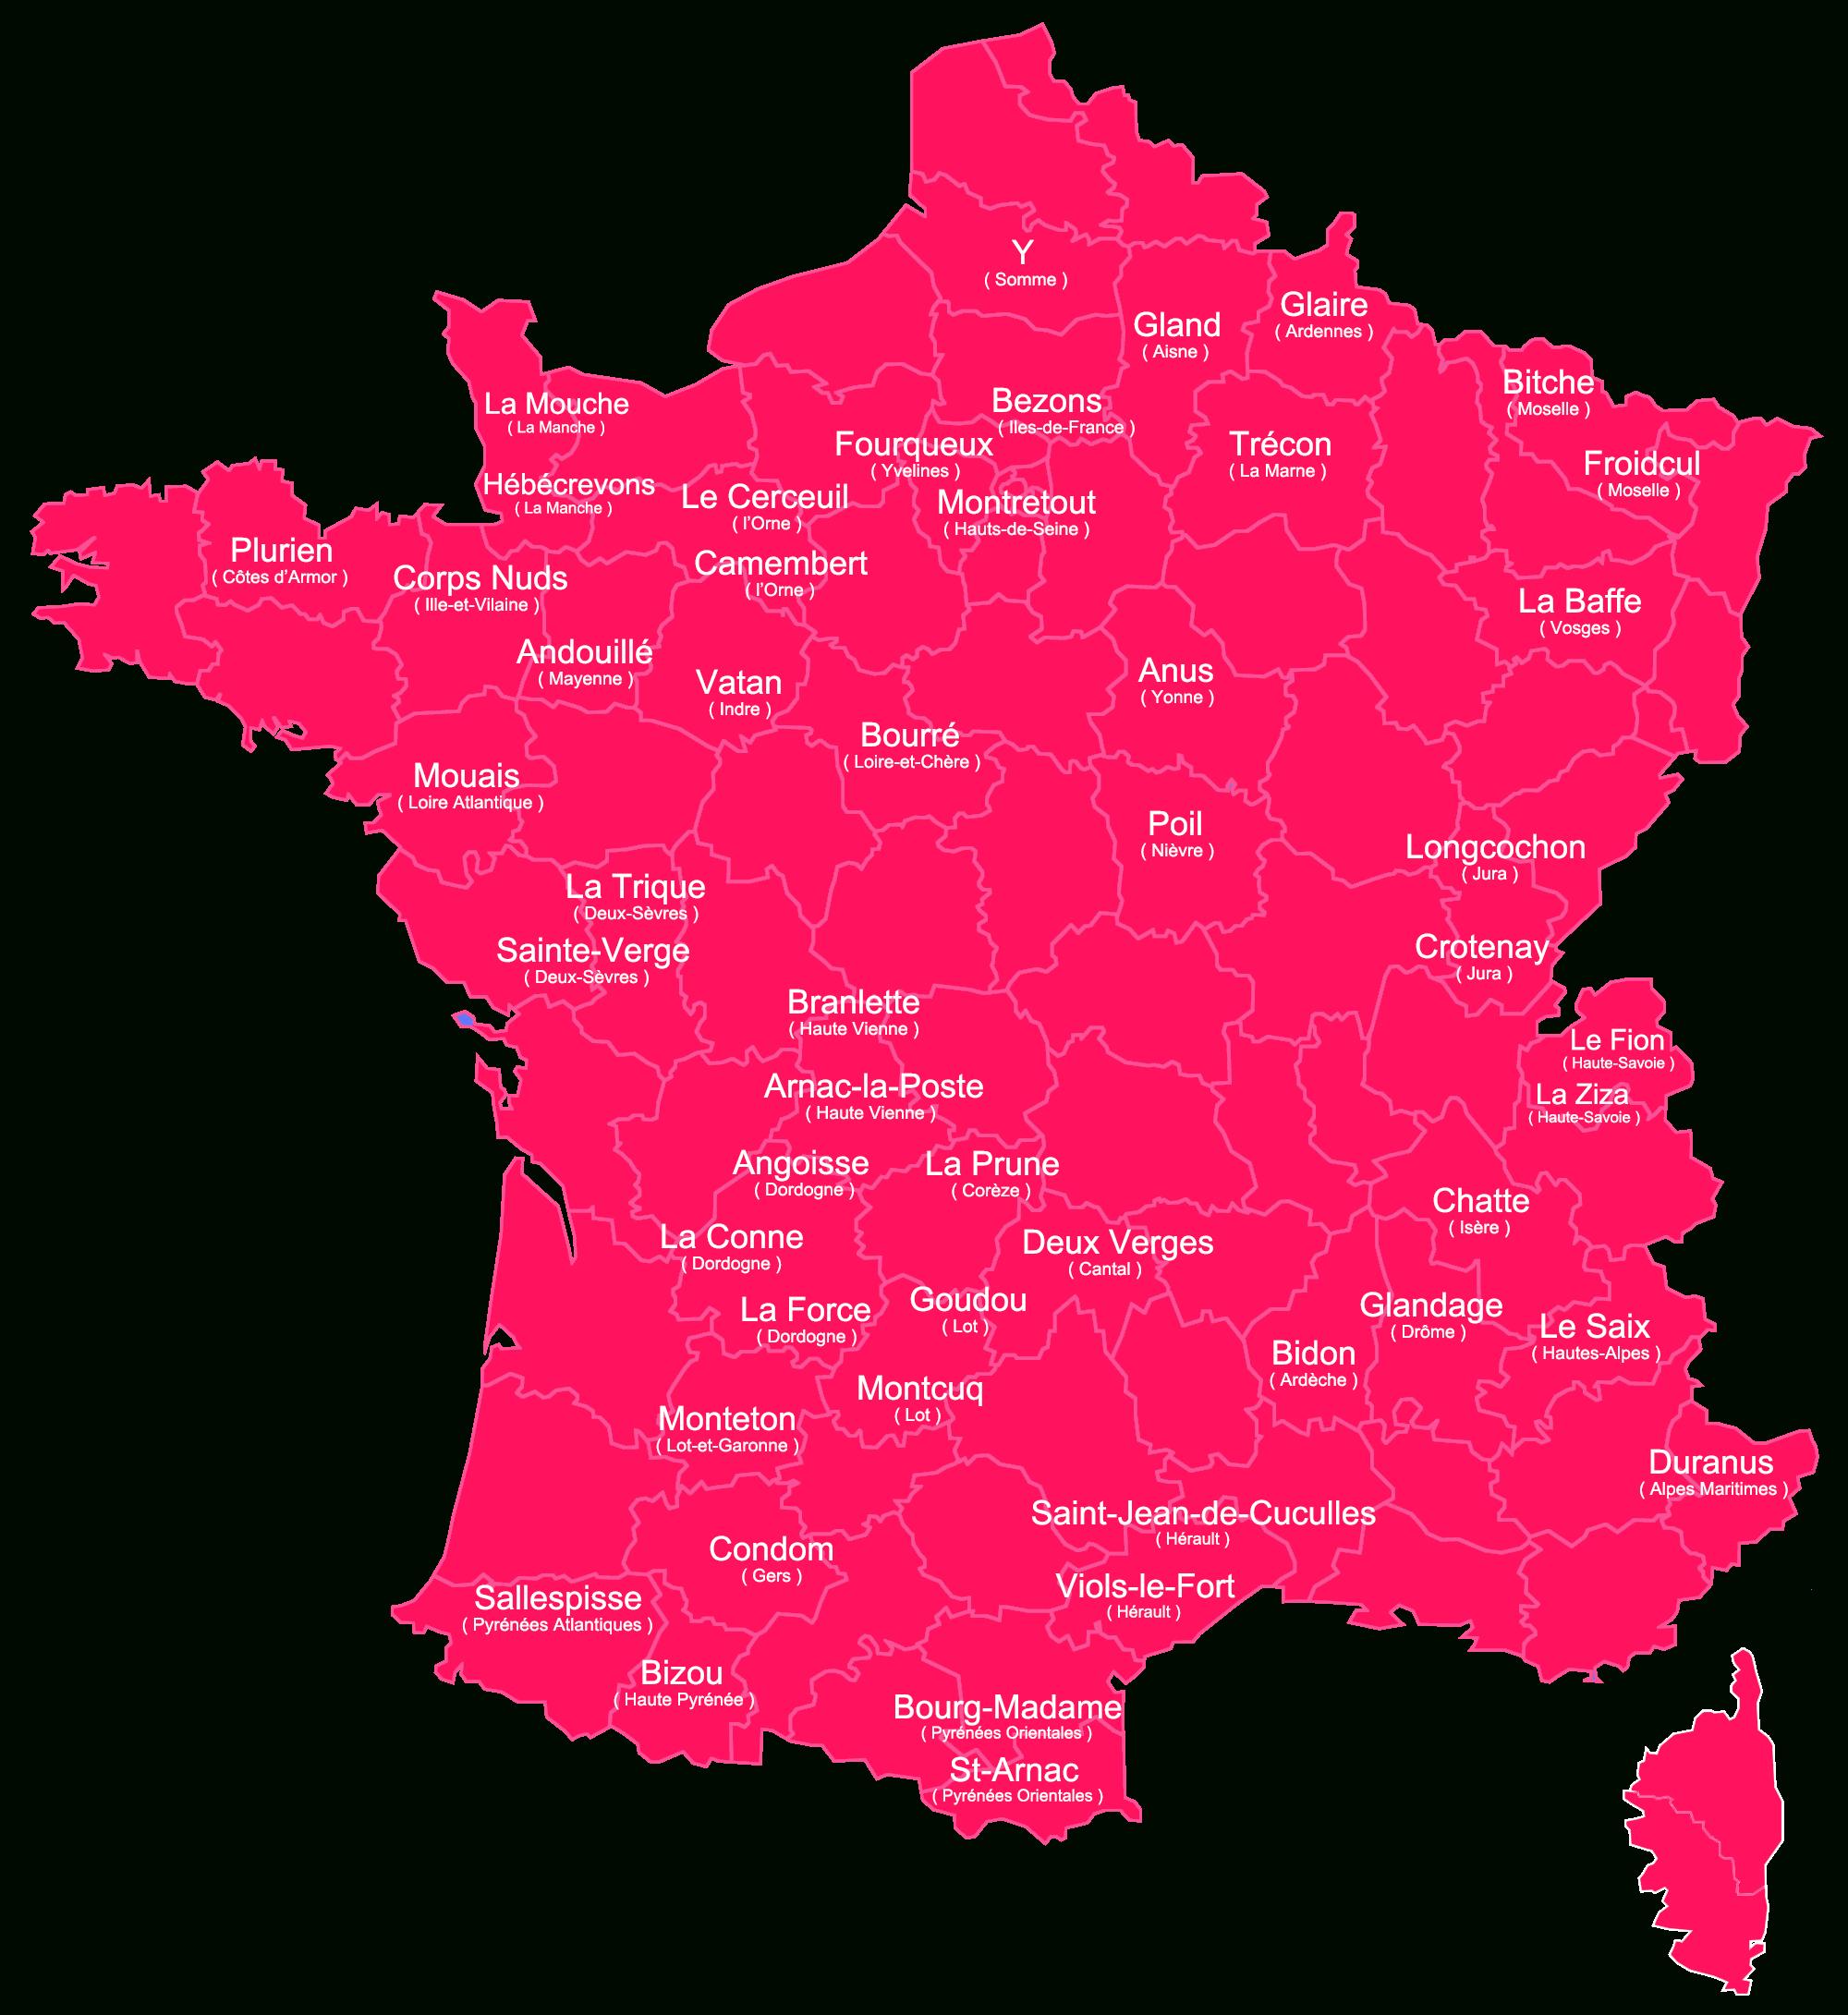 Notre Carte Des Noms De Villes Les Plus Drôles En France encequiconcerne Carte De La France Avec Ville